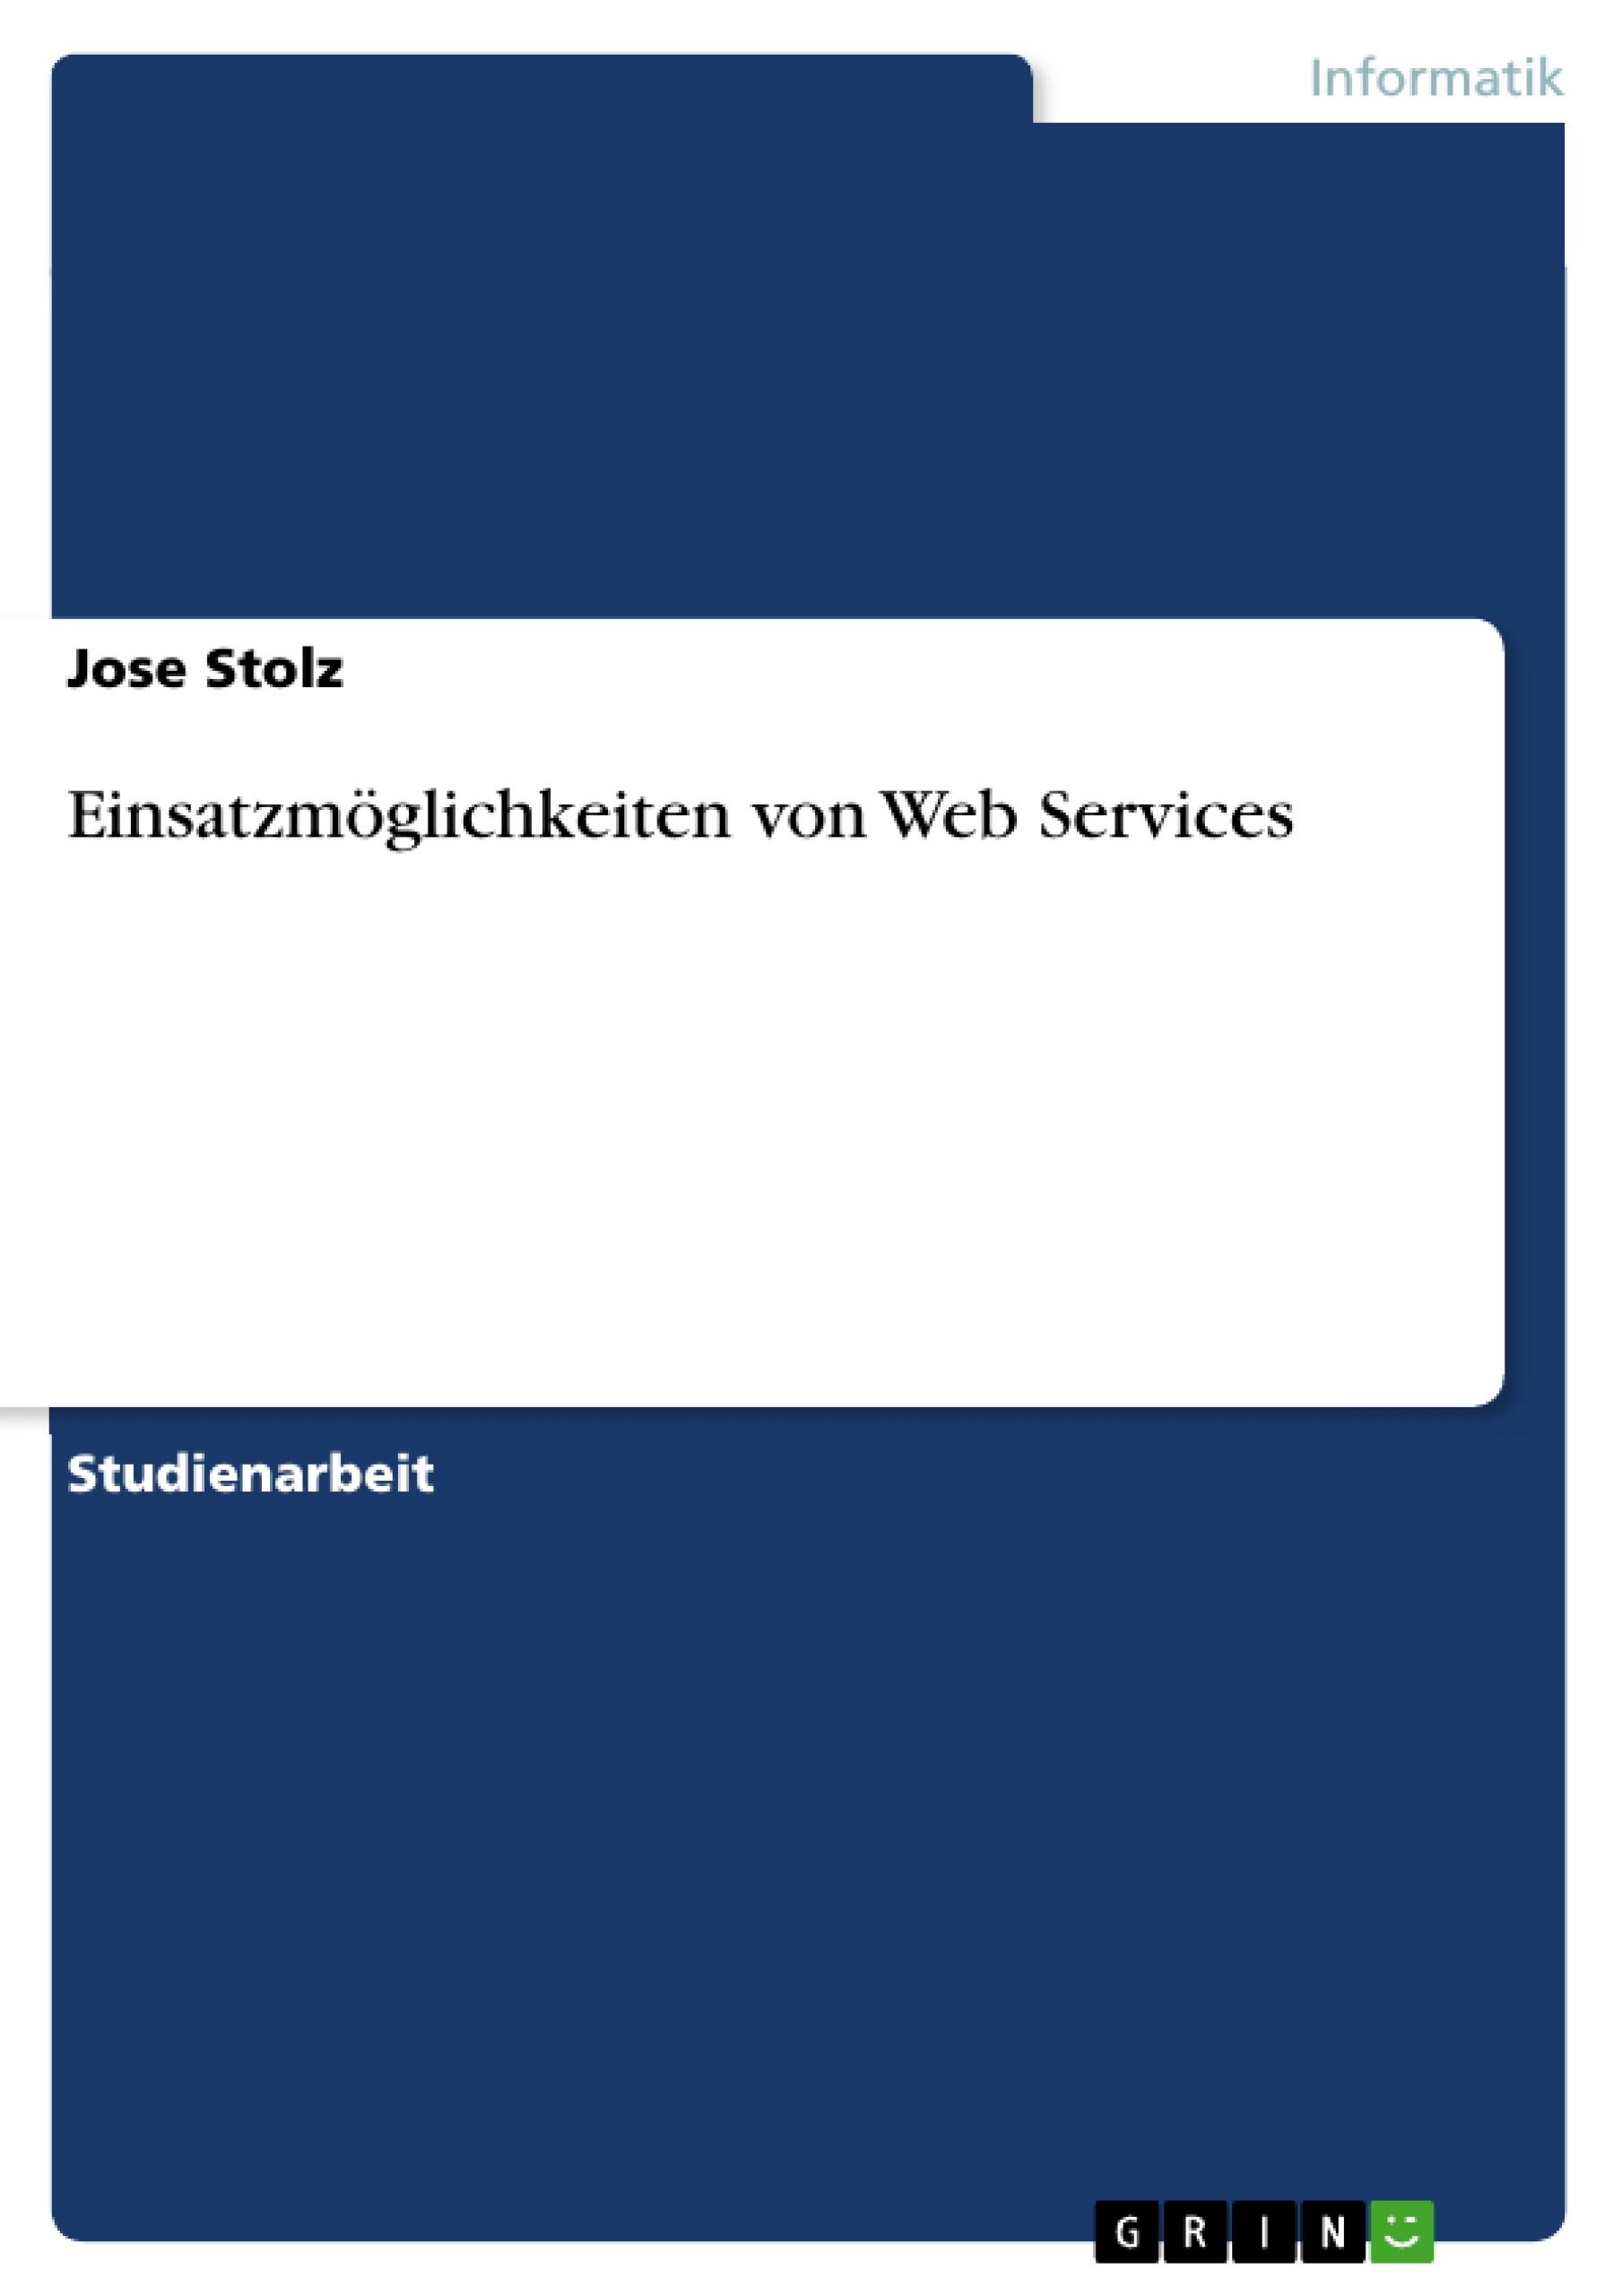 Titel: Einsatzmöglichkeiten von Web Services